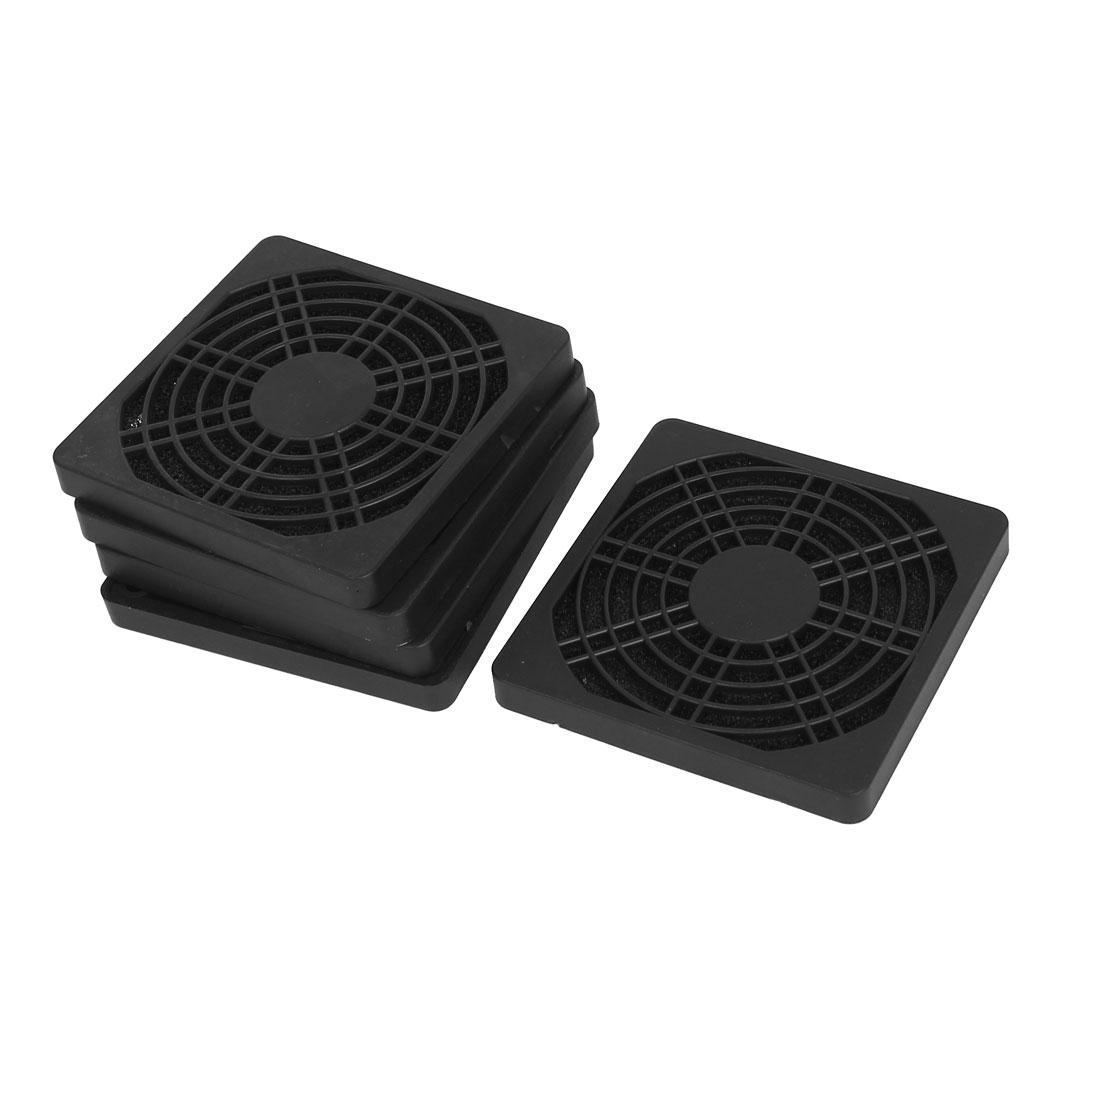 80mm Computer PC Dustproof Cooler Fan Case Cover Dust Filter Mesh 5pcs